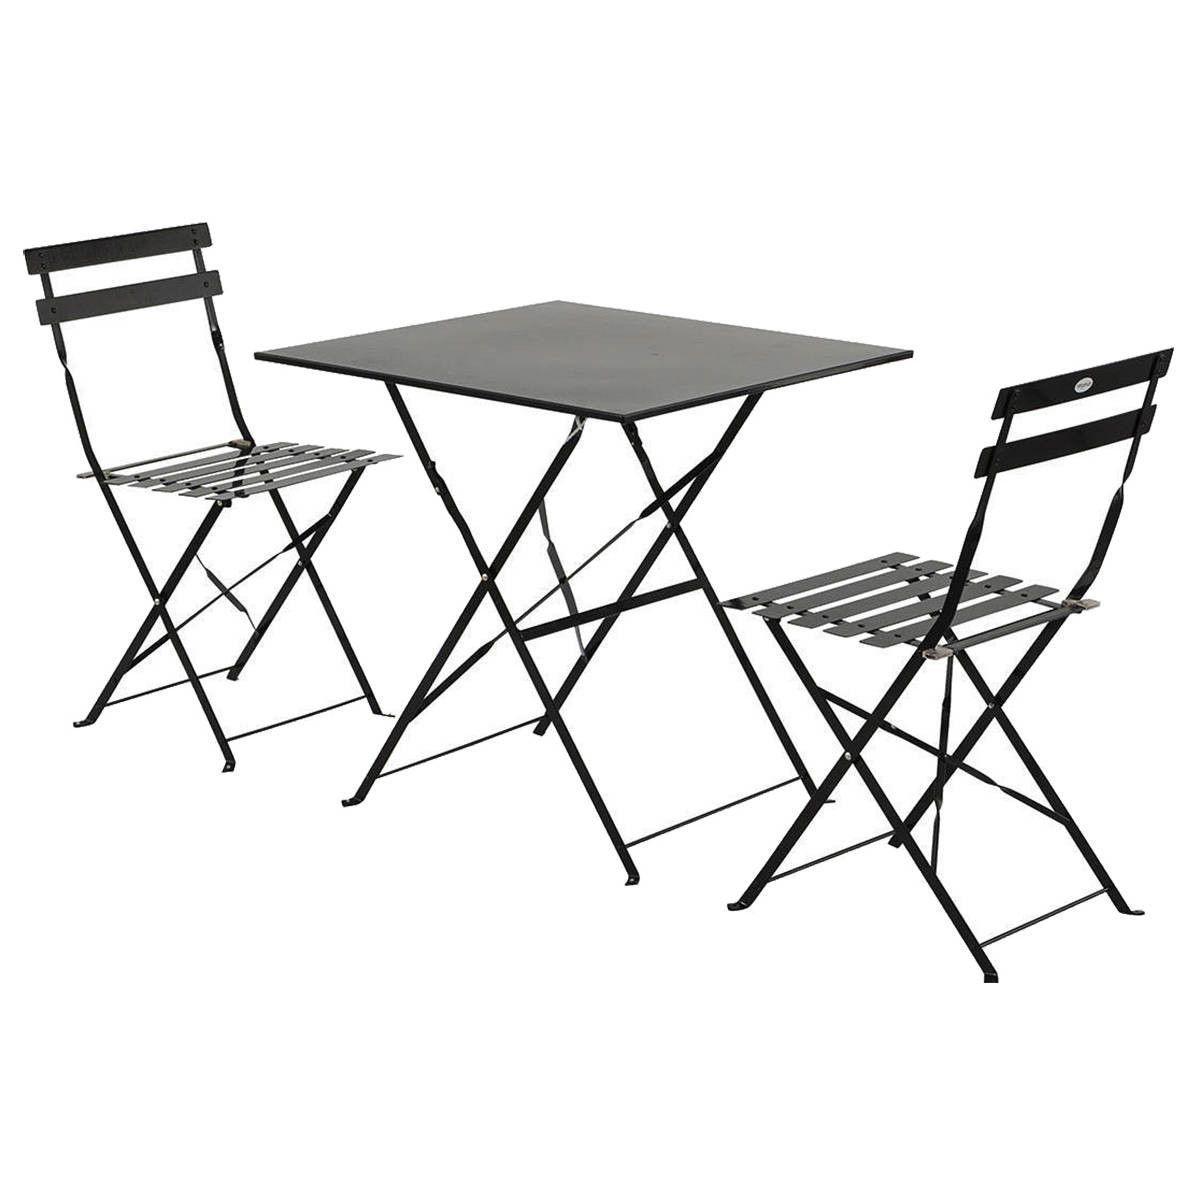 Table carré - Table de jardin pliante Camargue noire carrée - Trocity